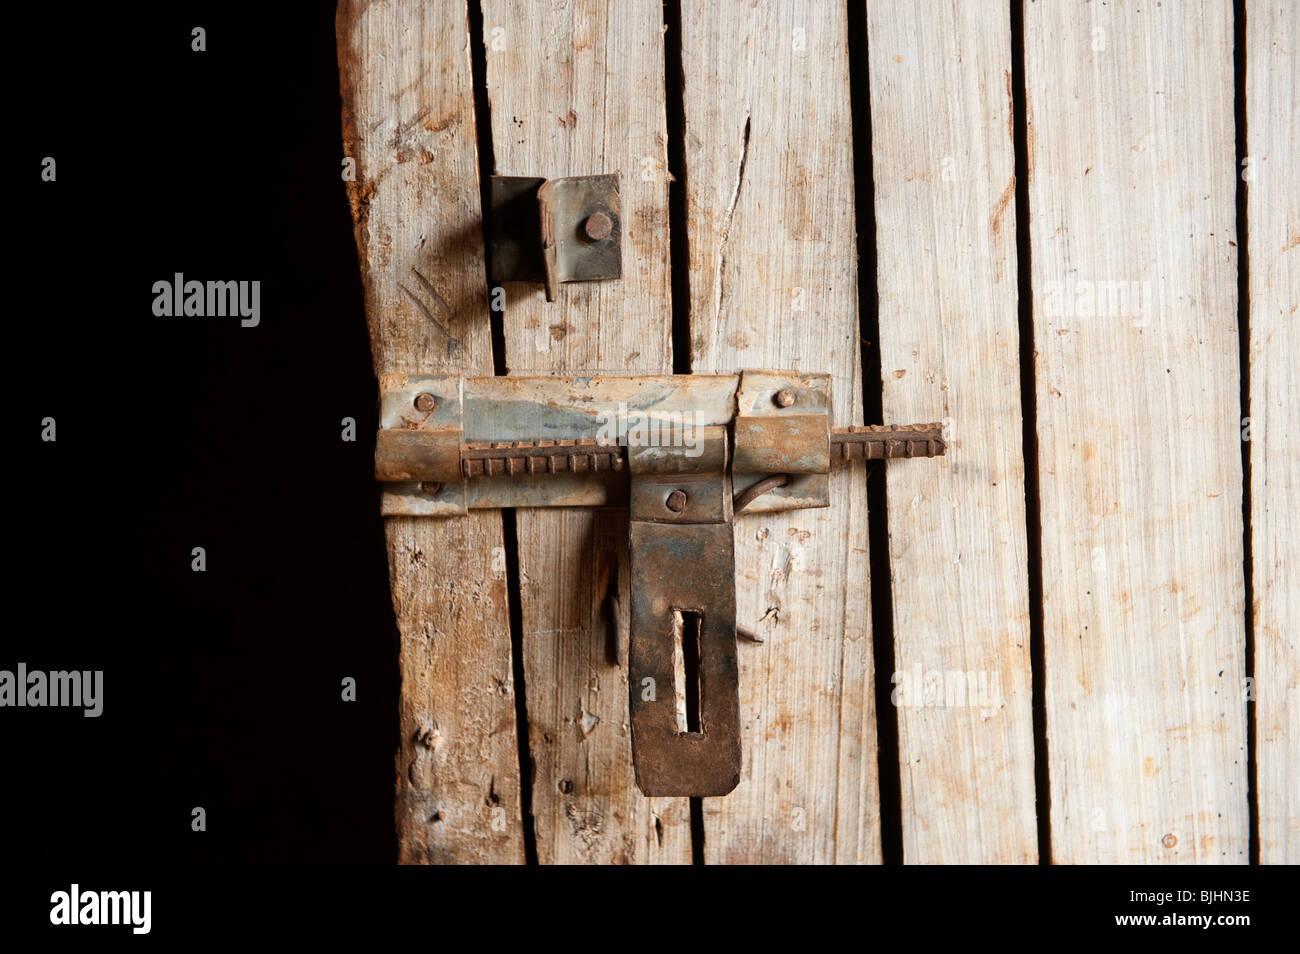 Wooden door and bolt. Rwanda. - Stock Image